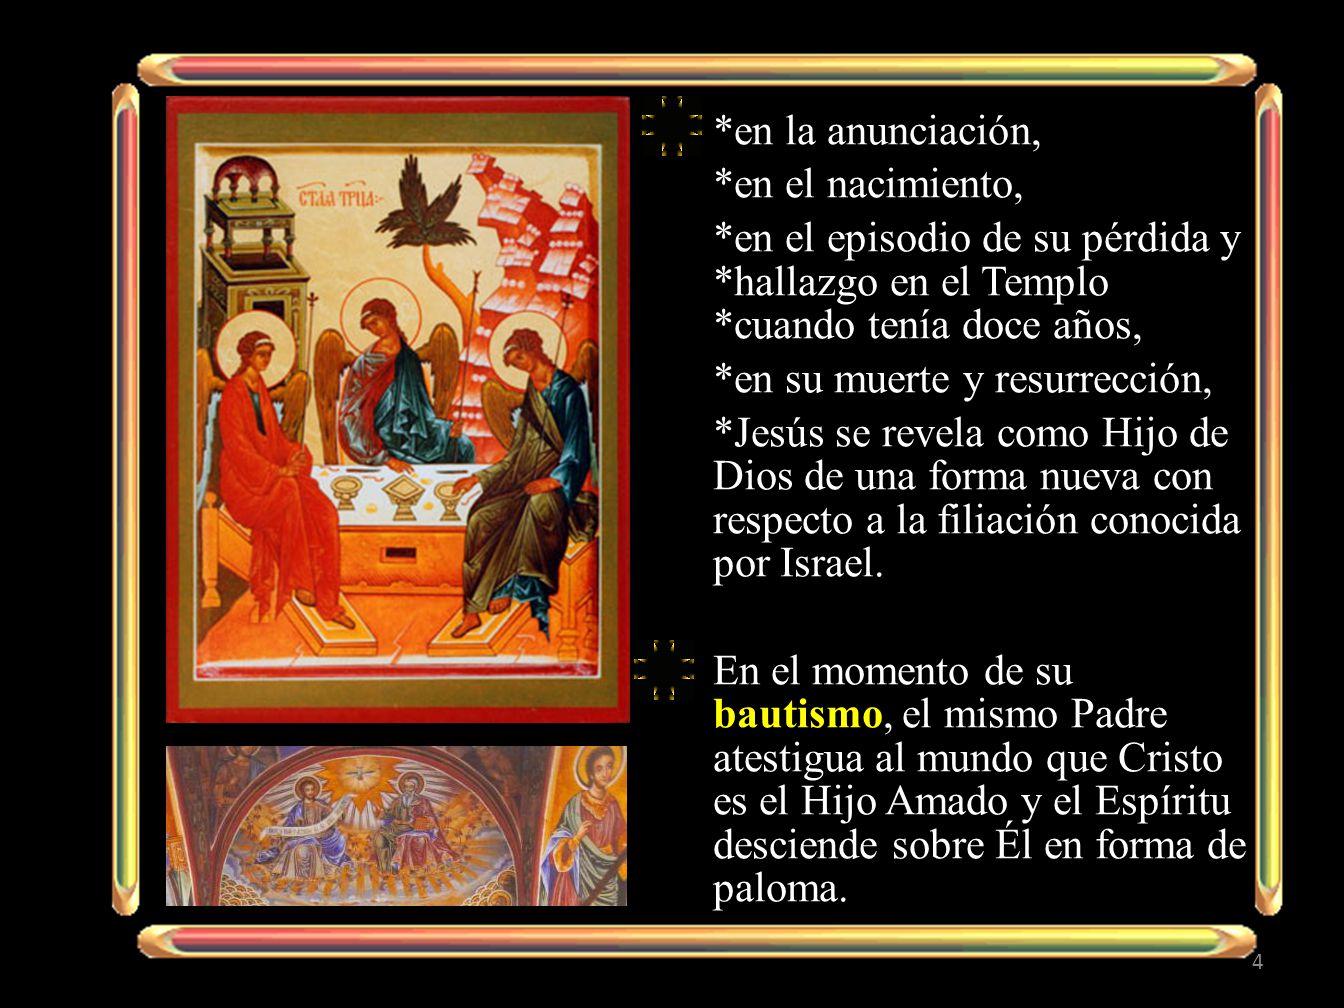 el Padre engendra al Hijo comunicándole total y perfectamente su mismo Ser mediante su Espíritu.